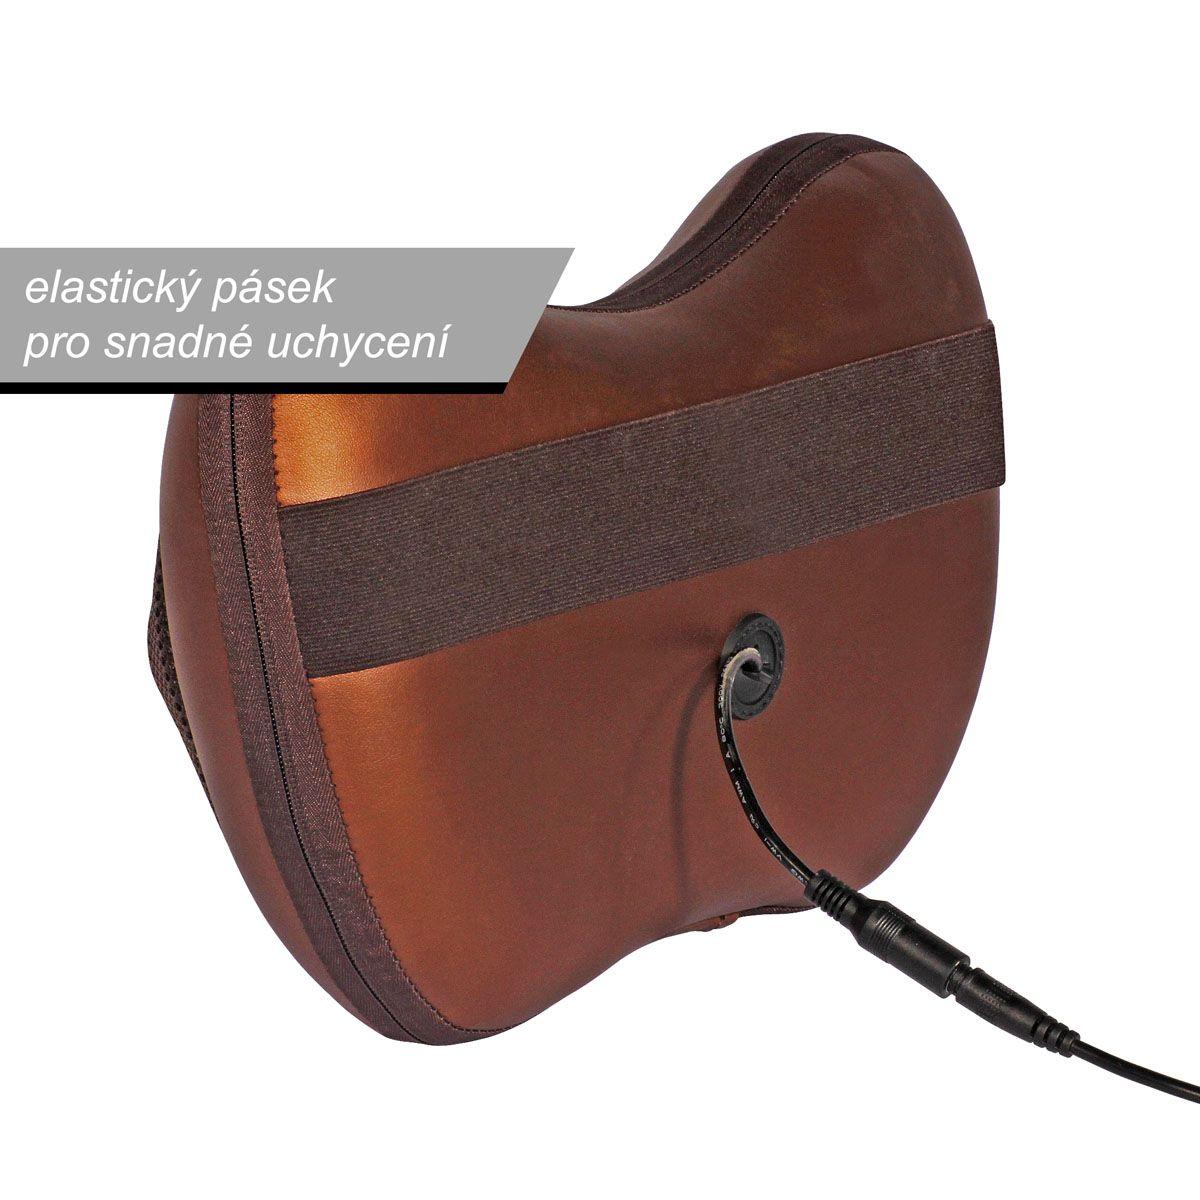 elastický pásek